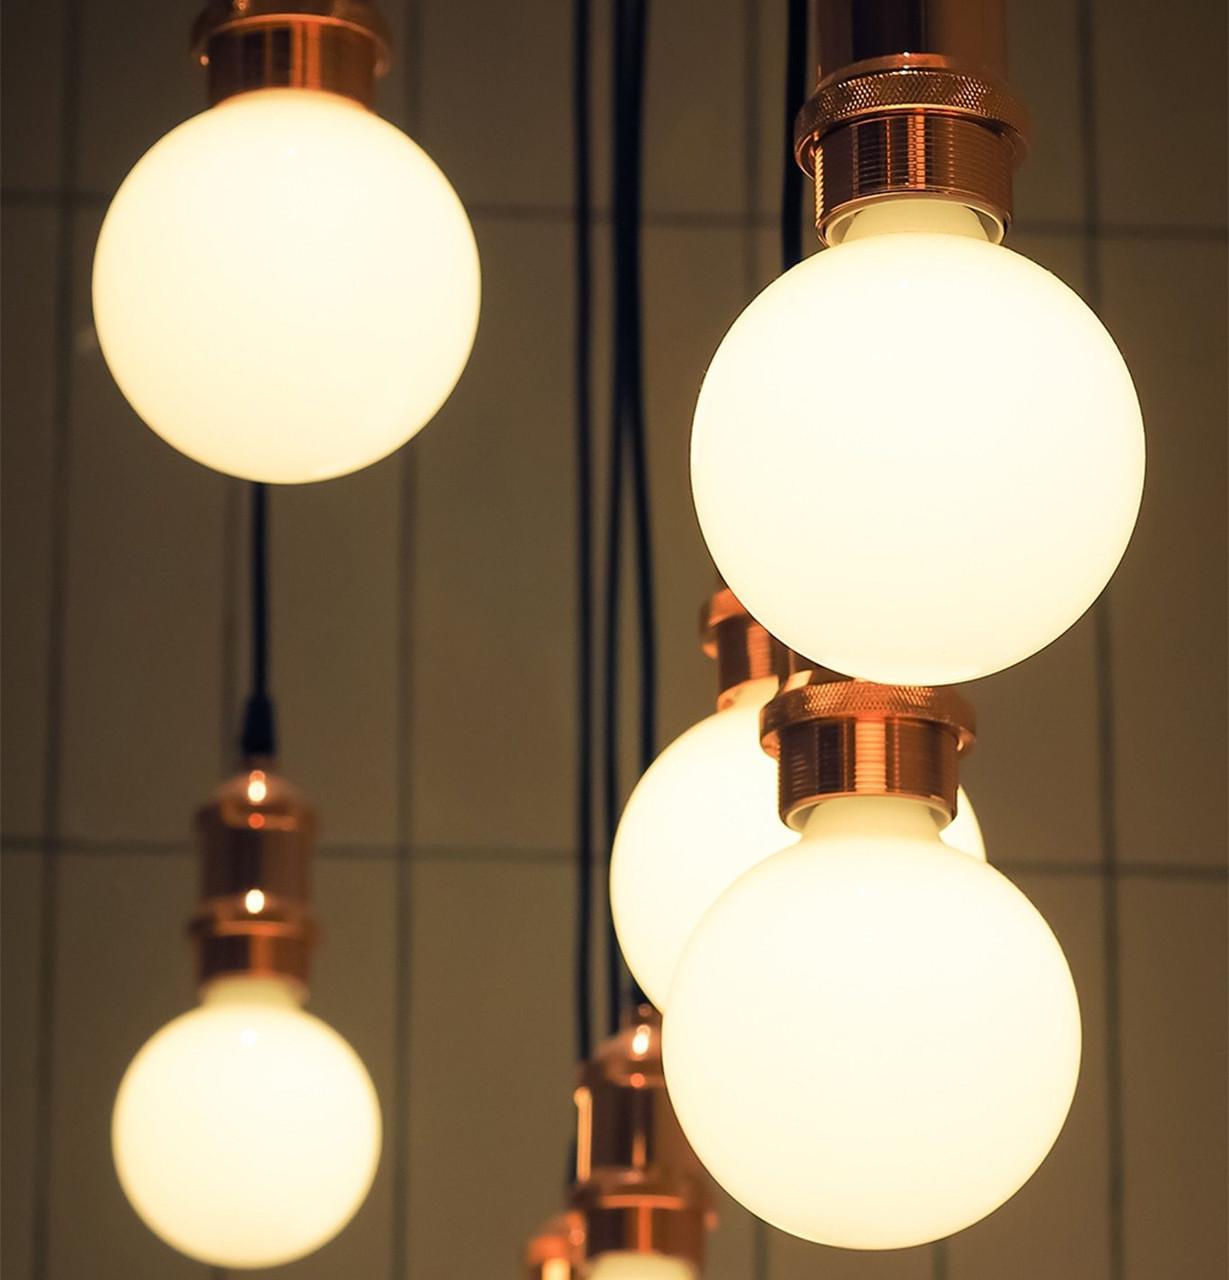 LED Globe White Light Bulbs